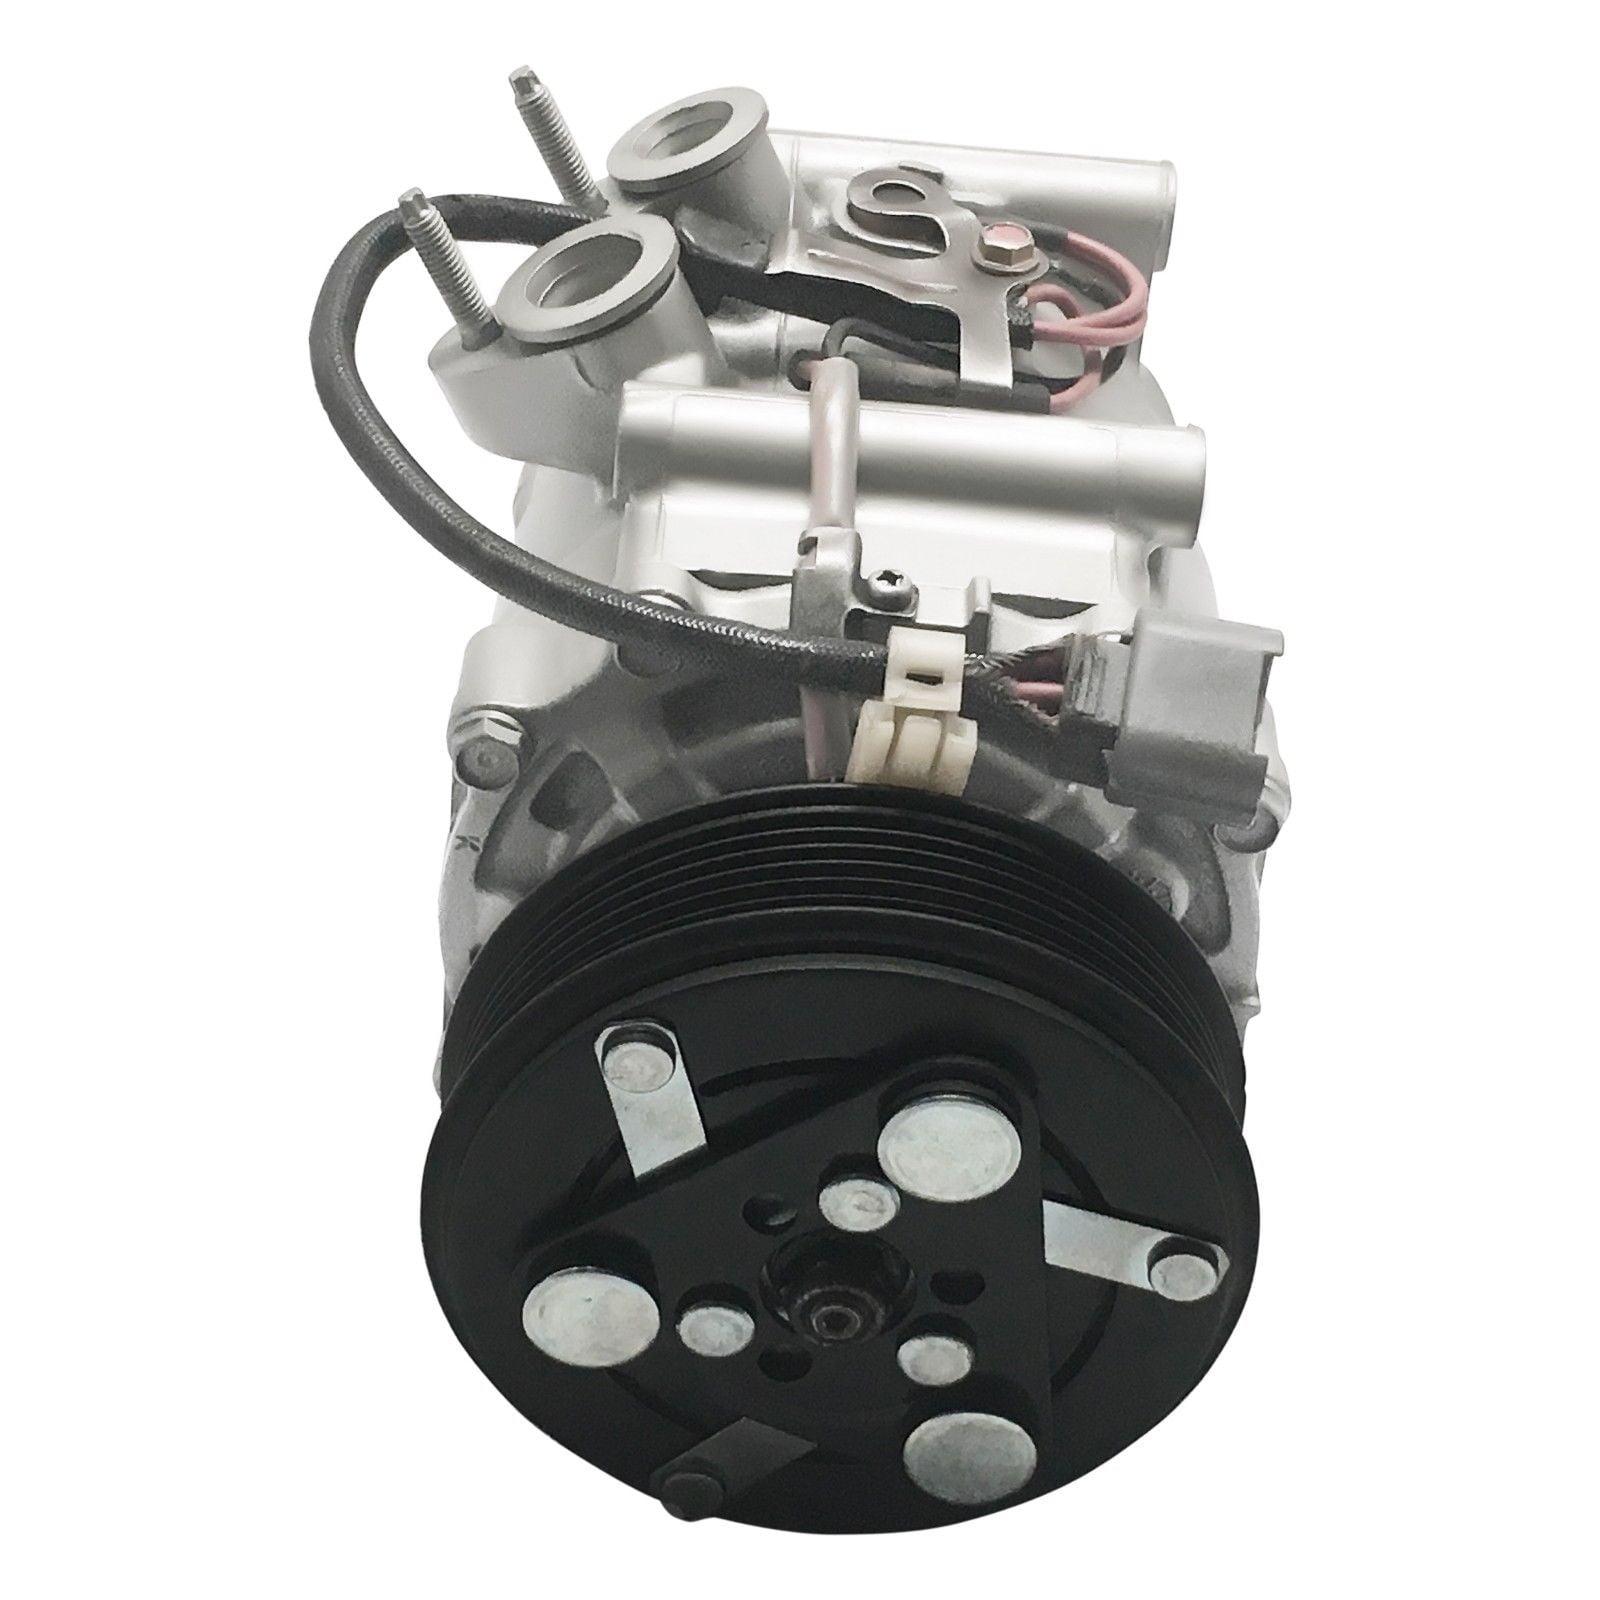 Remanufactured AC Compressor Kit GG613 2002 2003 2004 2005 Honda Civic 1.7L